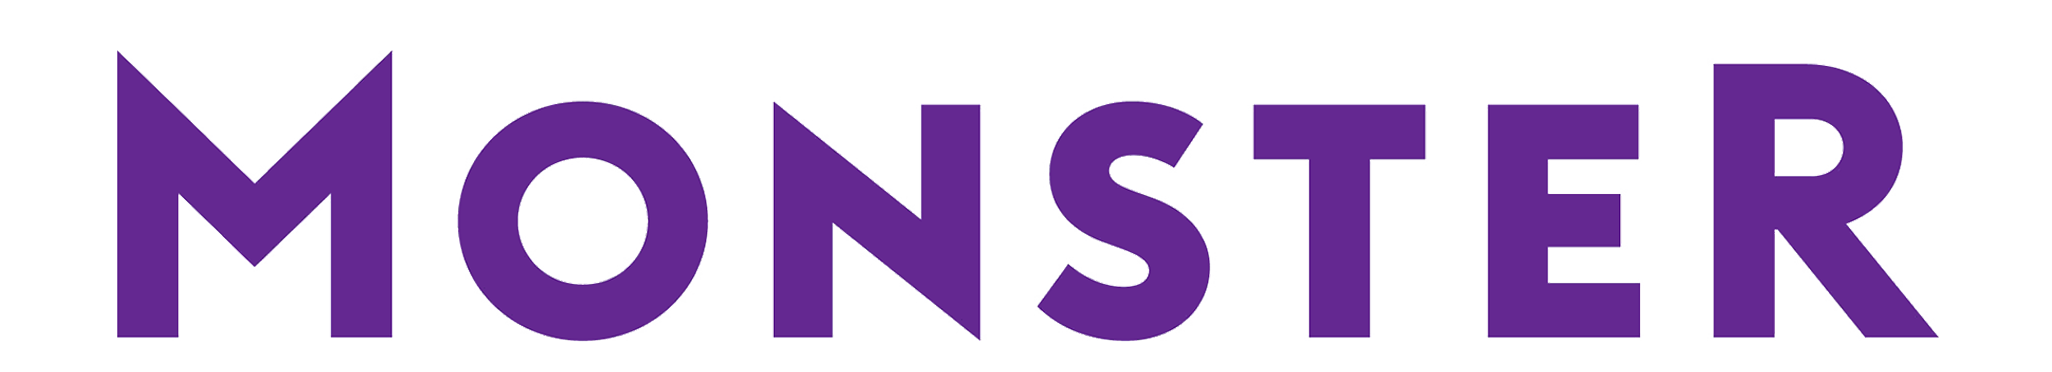 monster logo.png